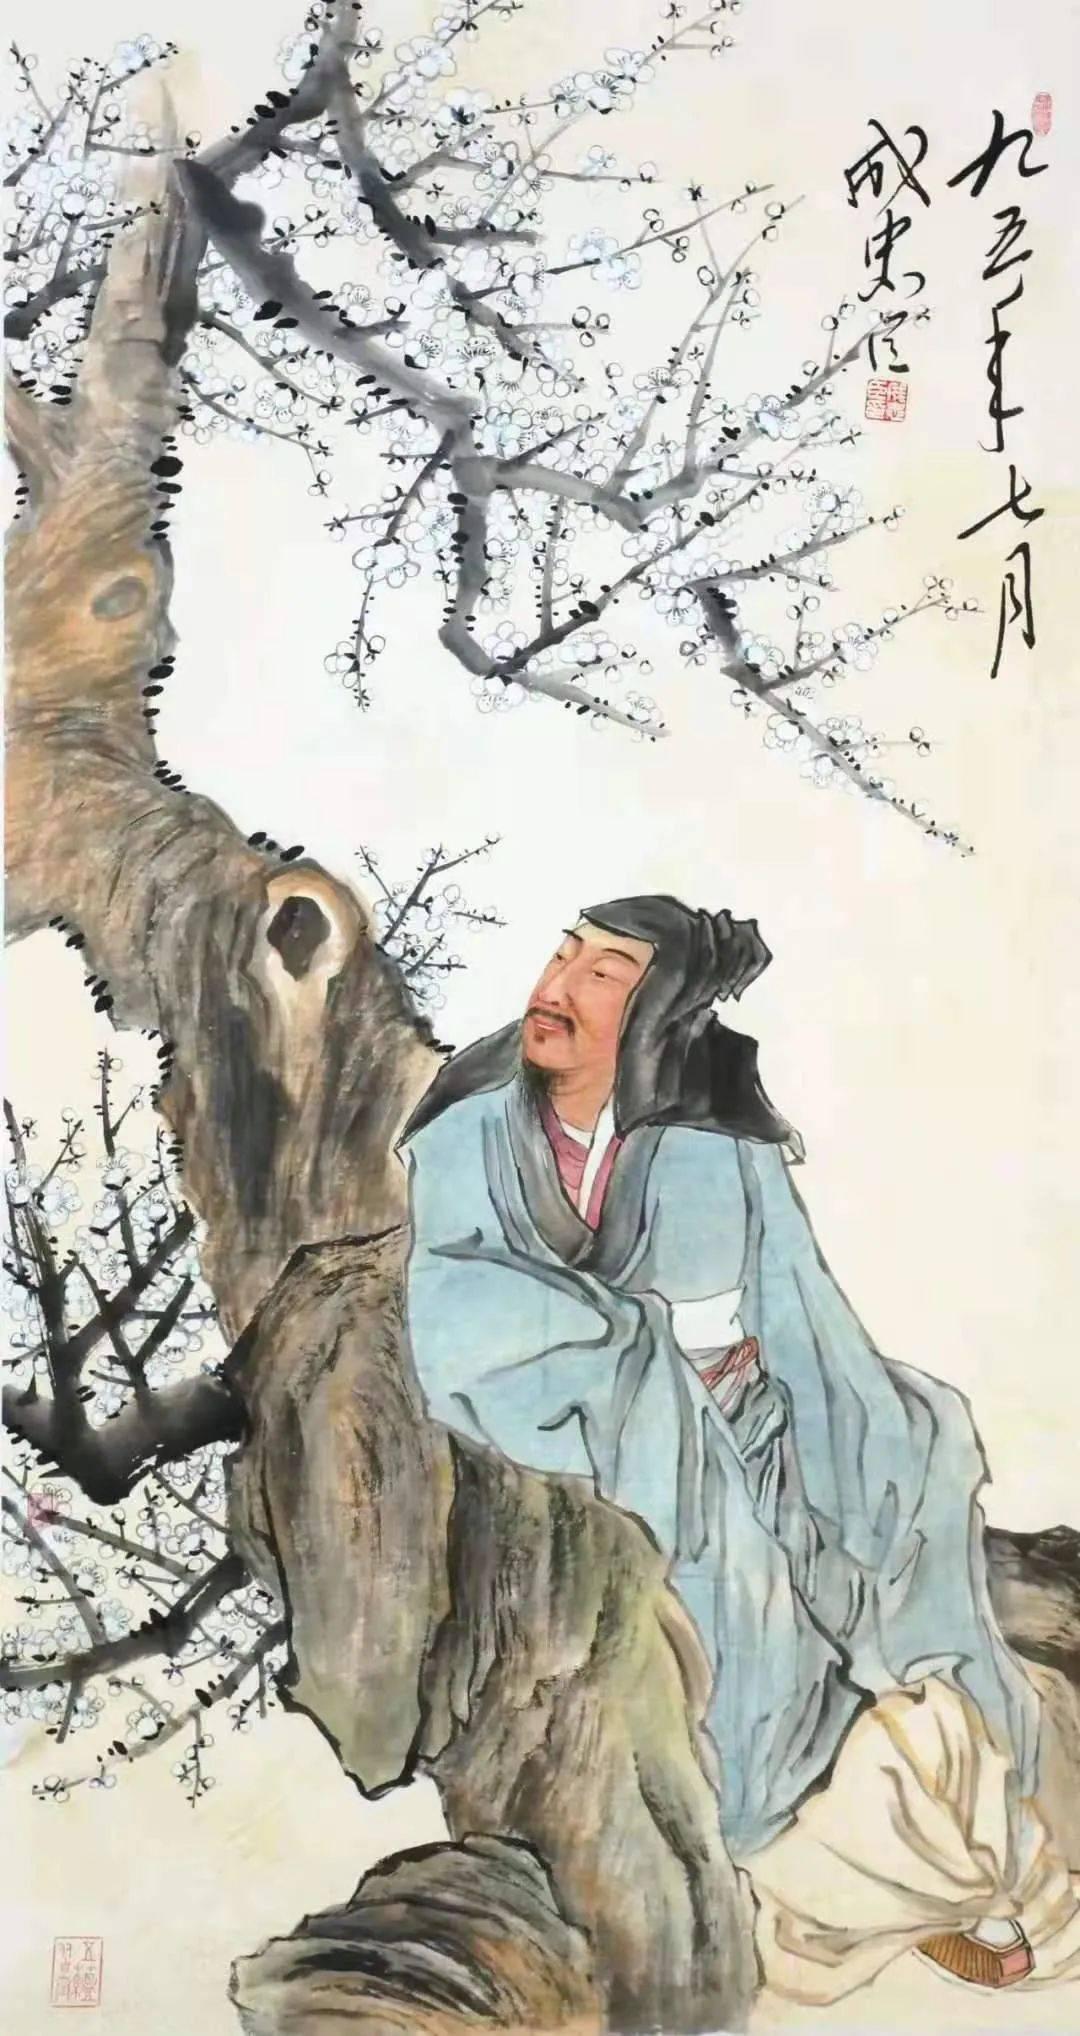 皇冠官方网站皇冠官方网站: 成忠臣:论什么是艺术的情感!